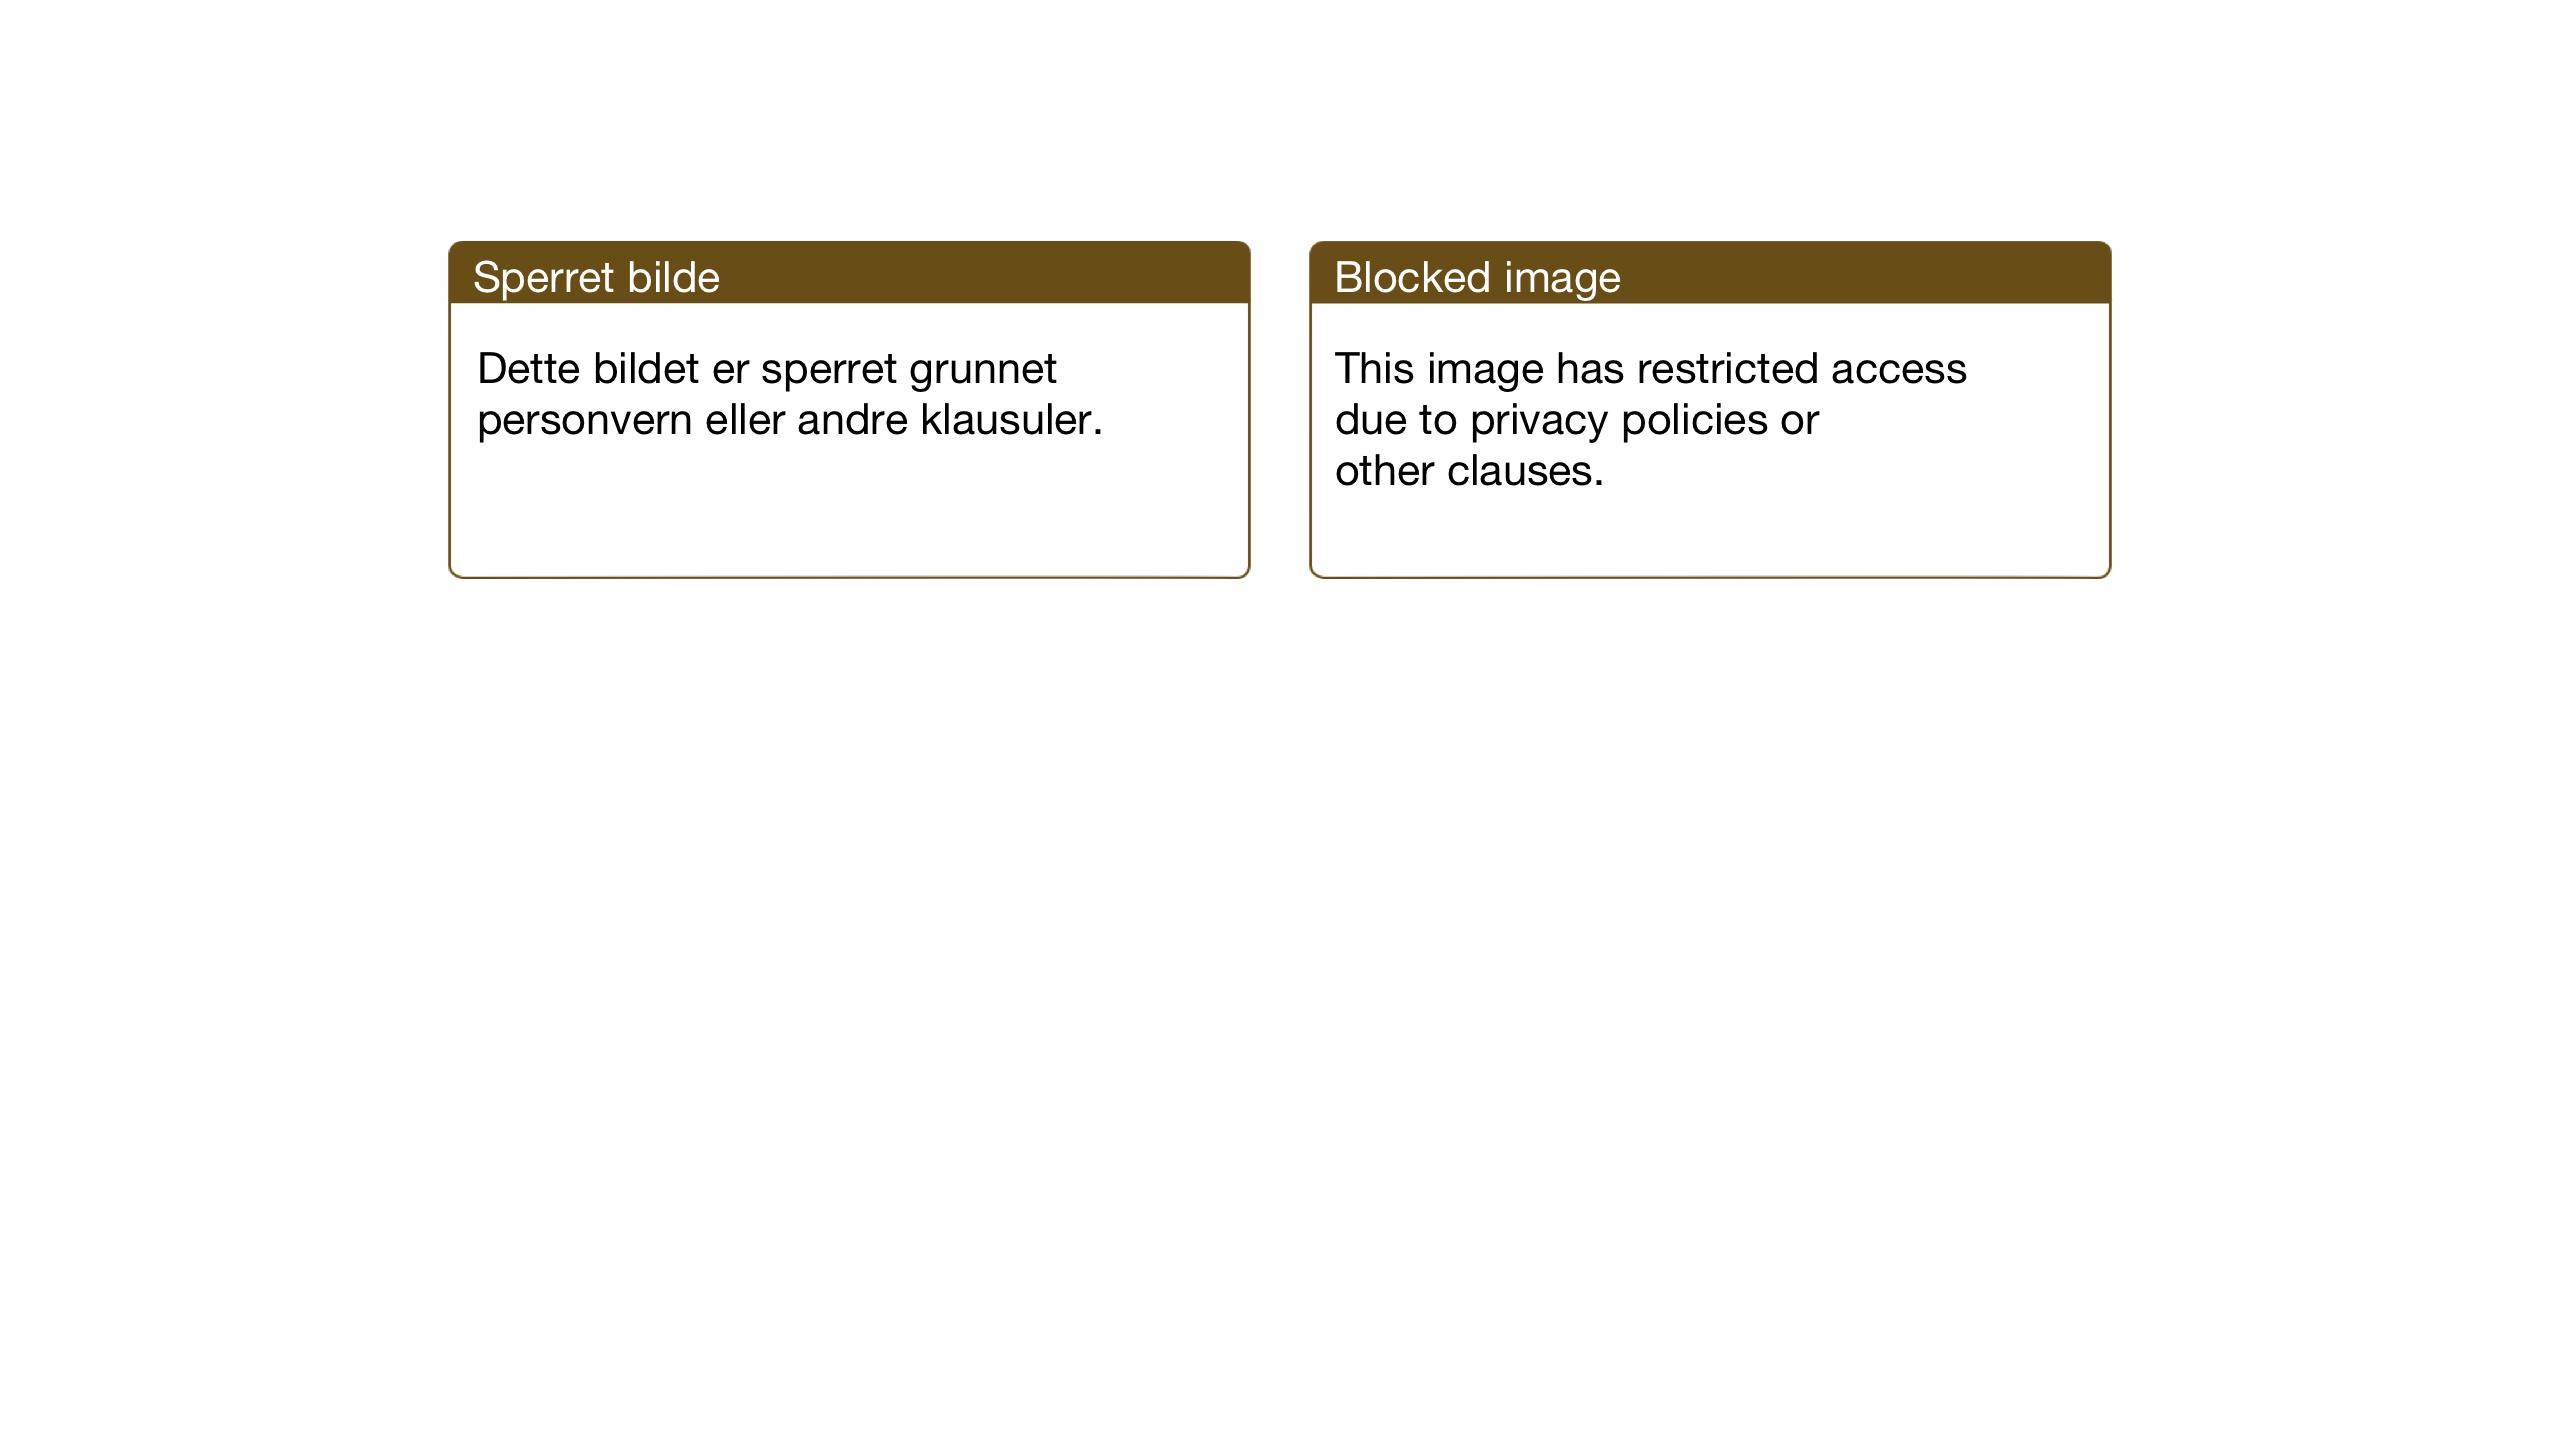 SAT, Ministerialprotokoller, klokkerbøker og fødselsregistre - Sør-Trøndelag, 693/L1124: Klokkerbok nr. 693C05, 1911-1941, s. 90